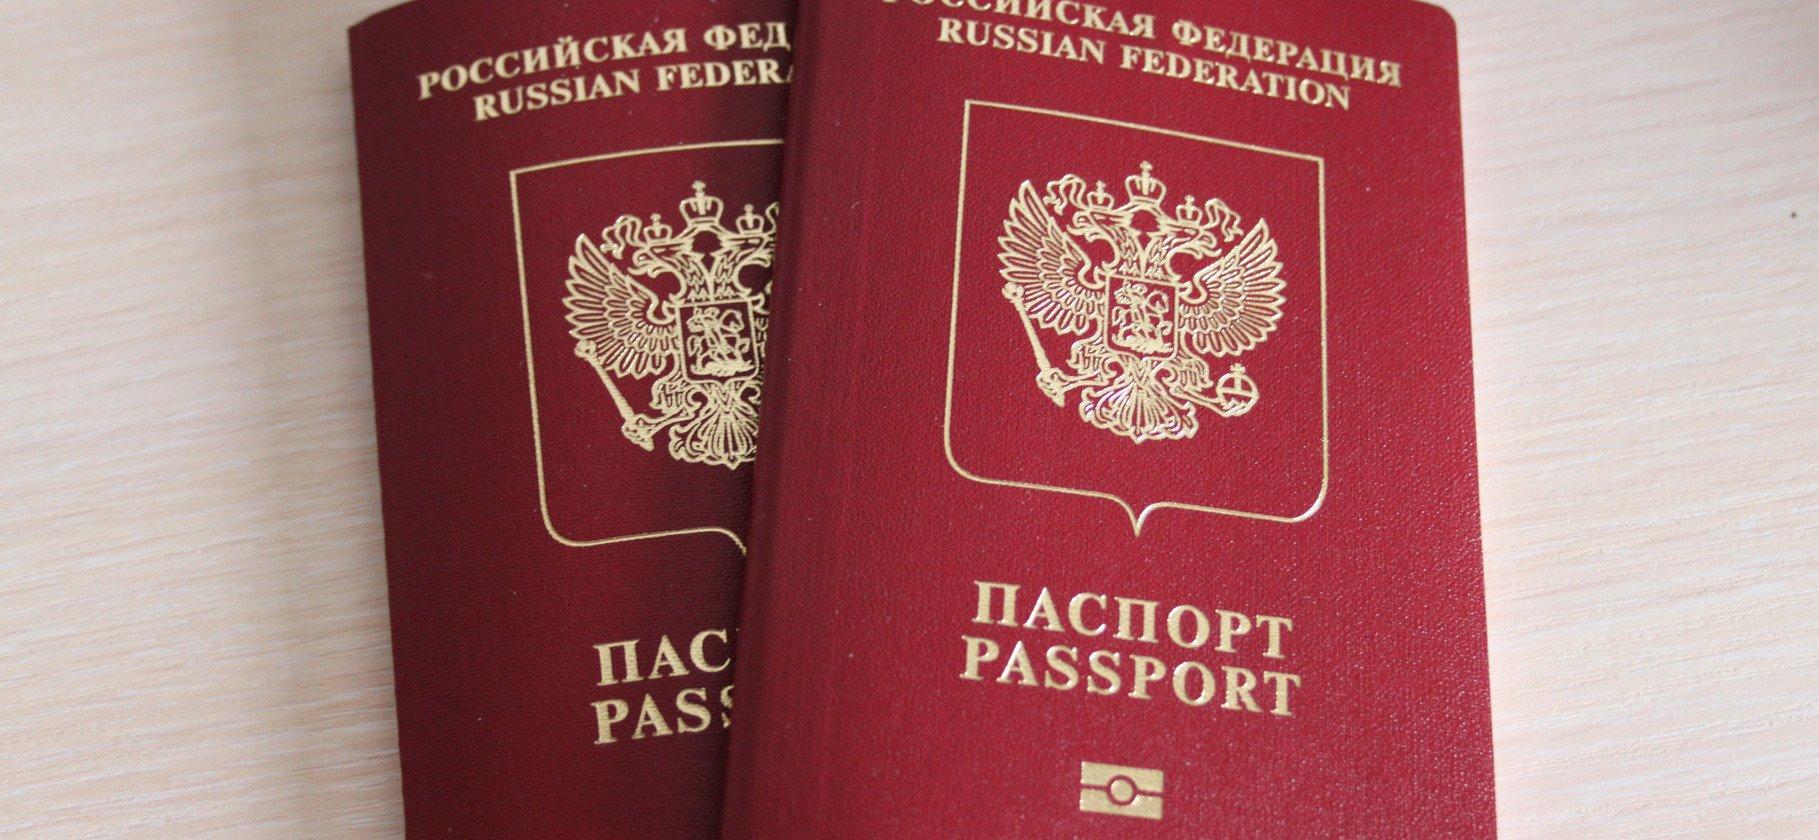 Заграничный паспорт фотографии 3